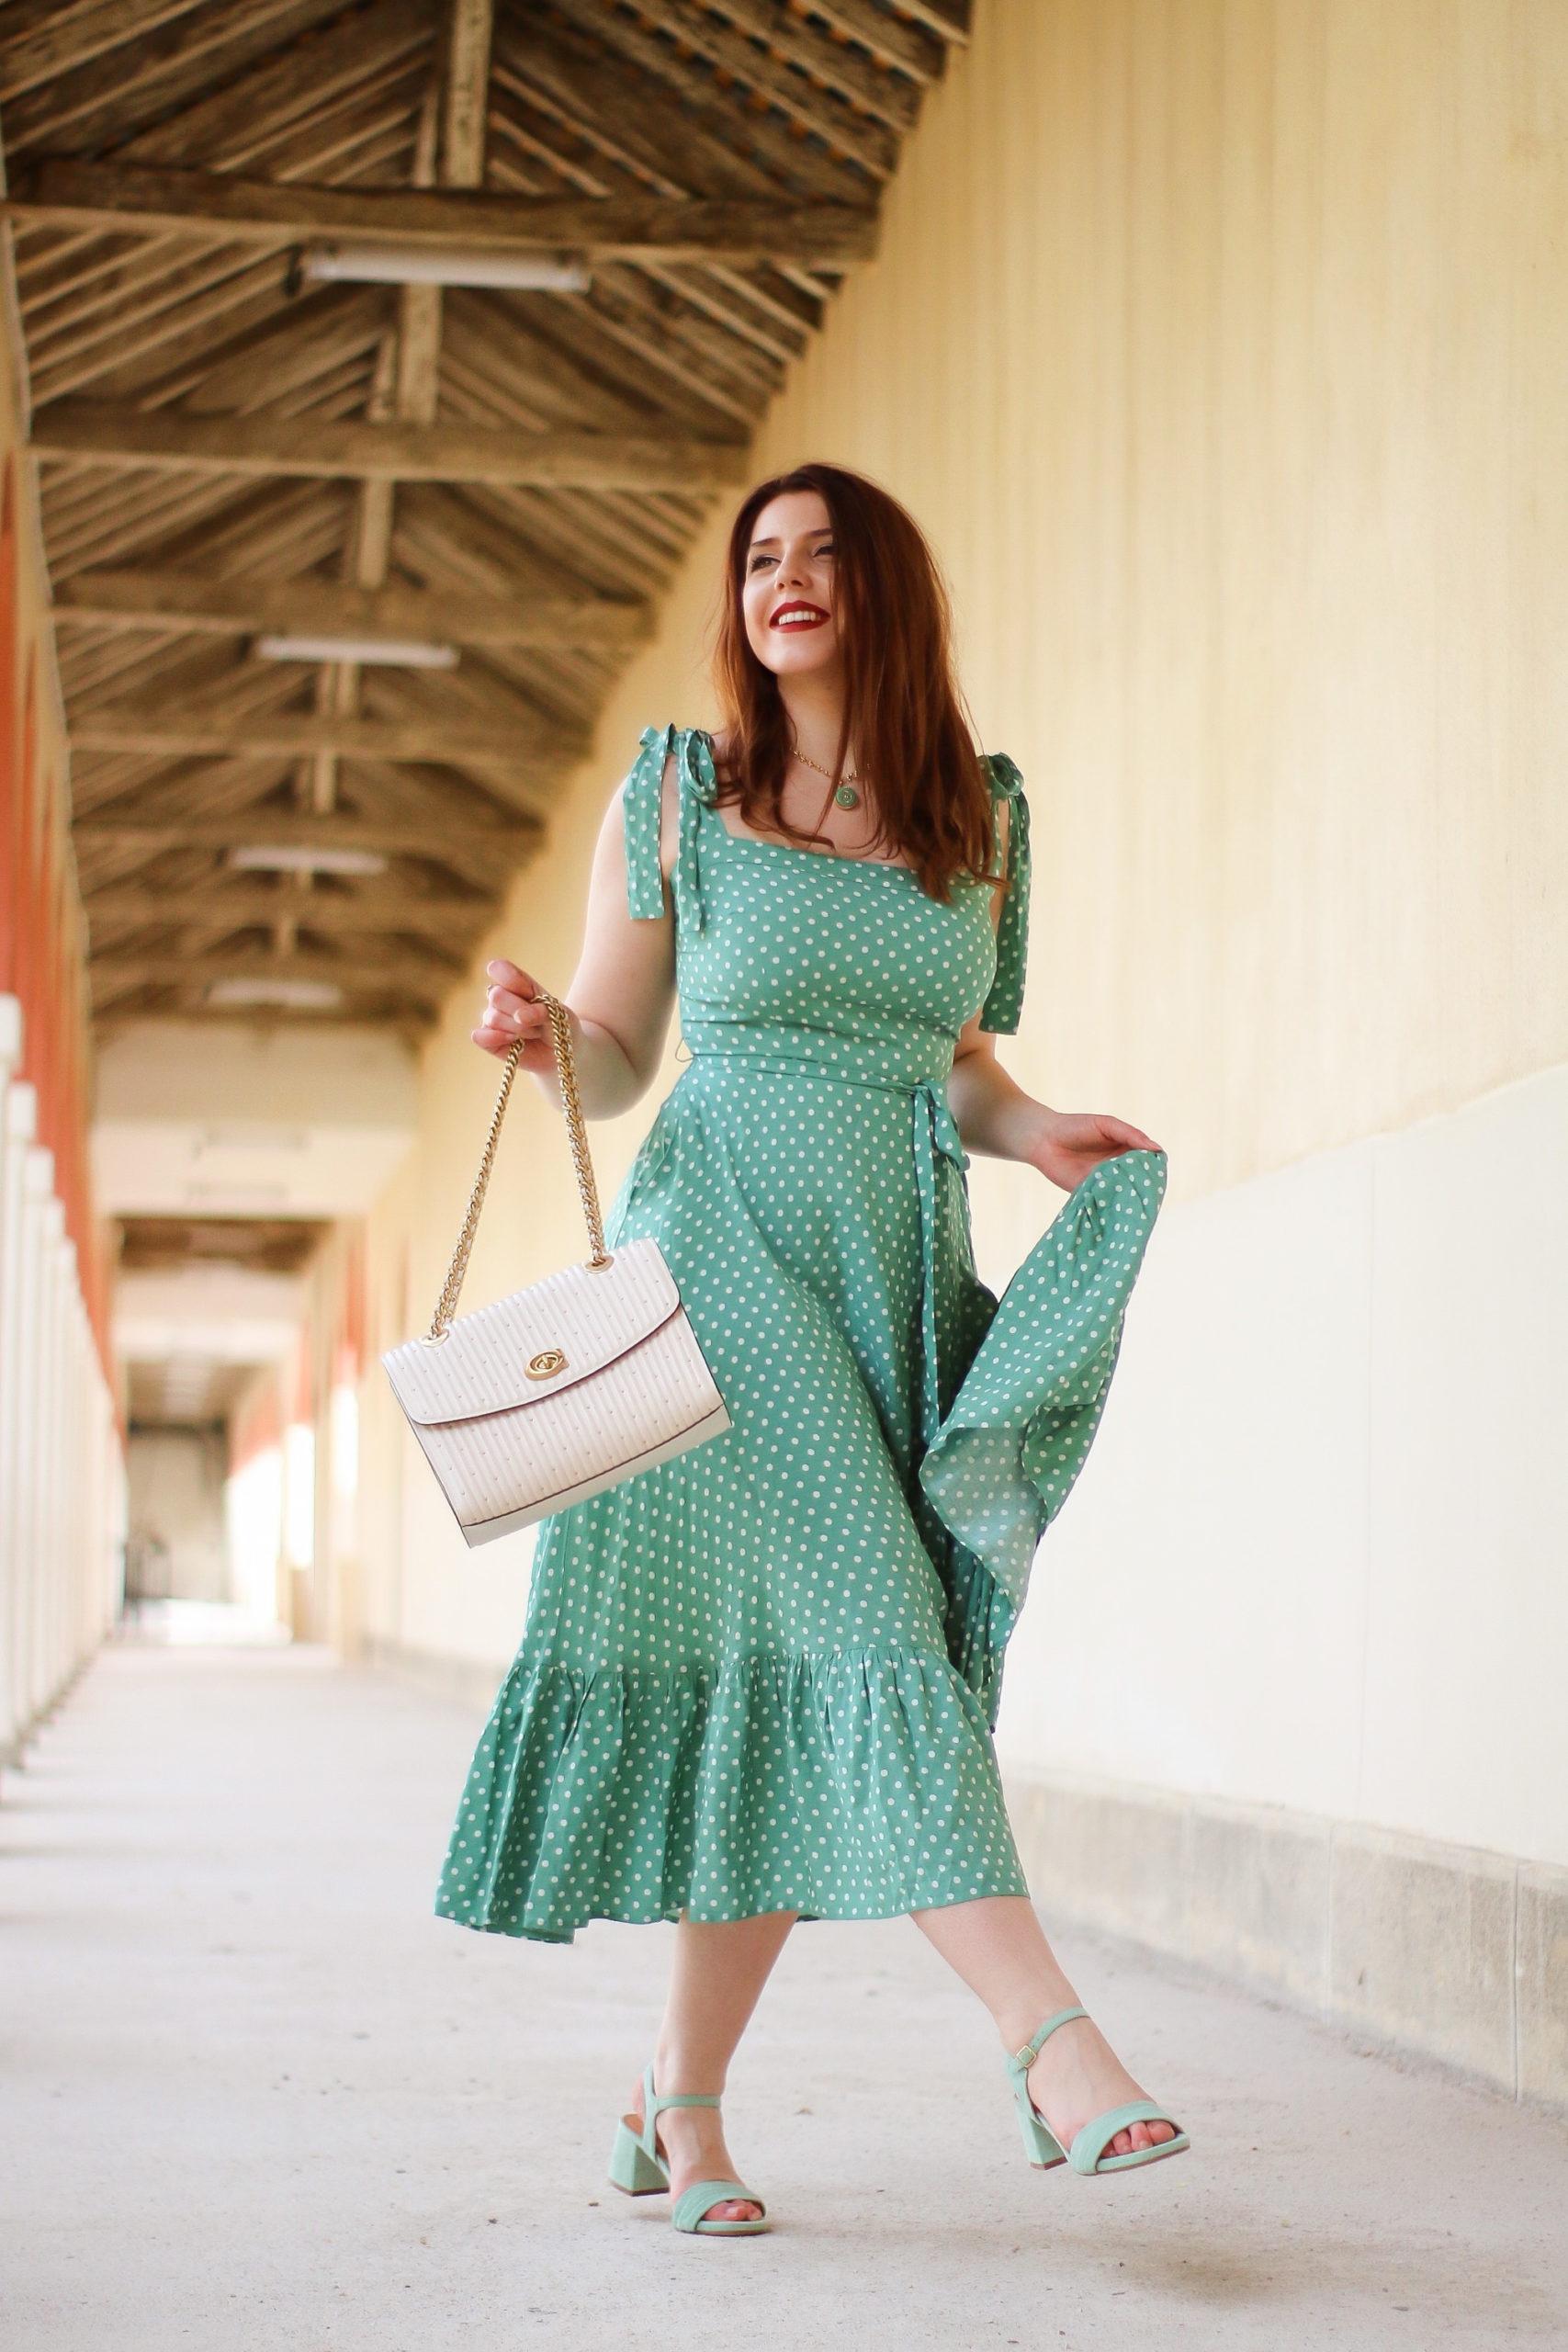 3 tenues de printemps estivale robe de printemps robe rétro vintage robe Top vintage robe à pois